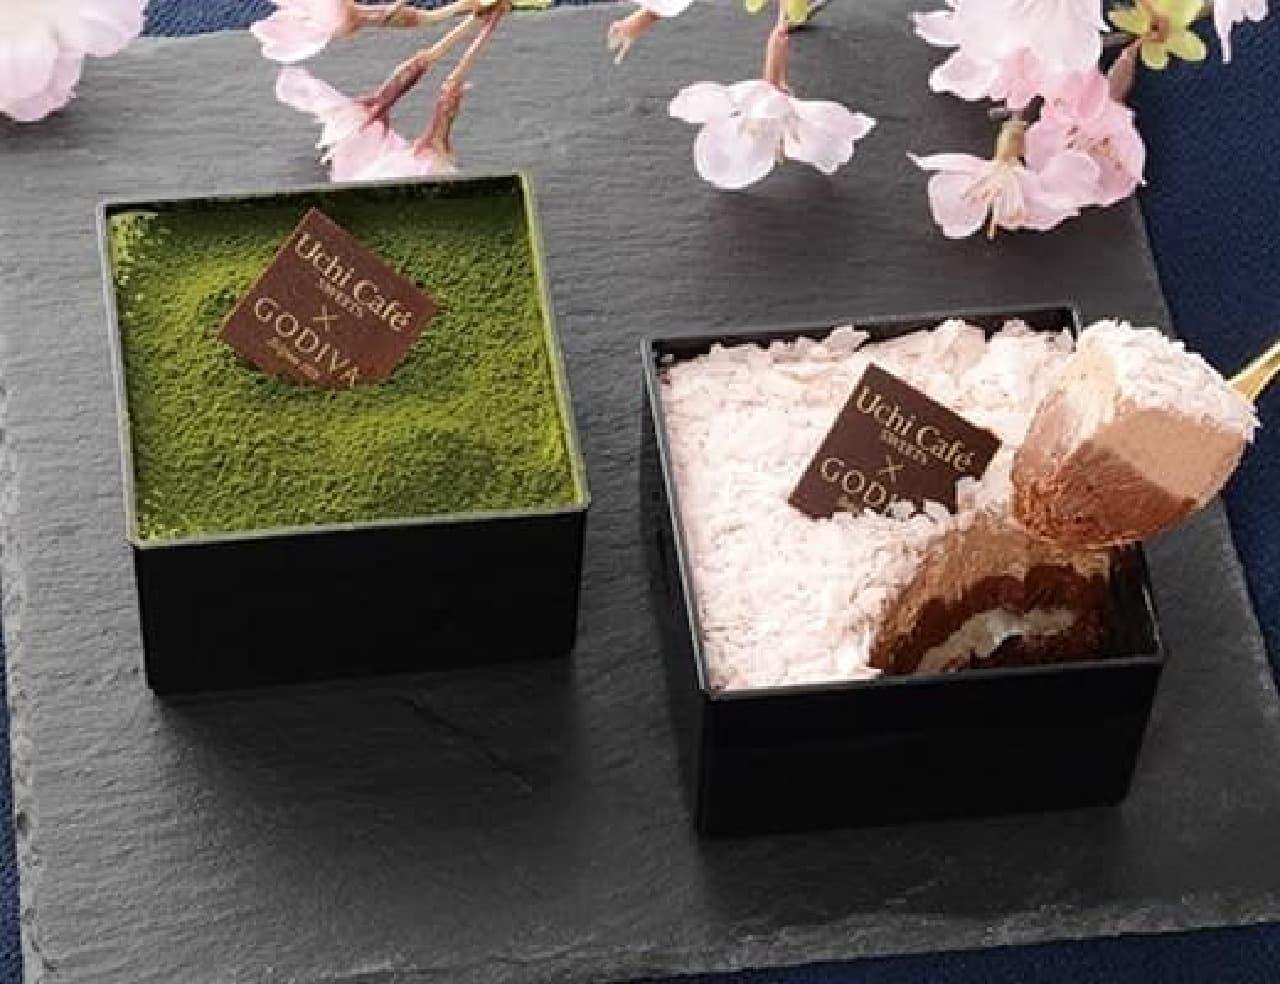 ローソン「Uchi Cafe×GODIVA ル・ジャポネ・デュ・プランタン」